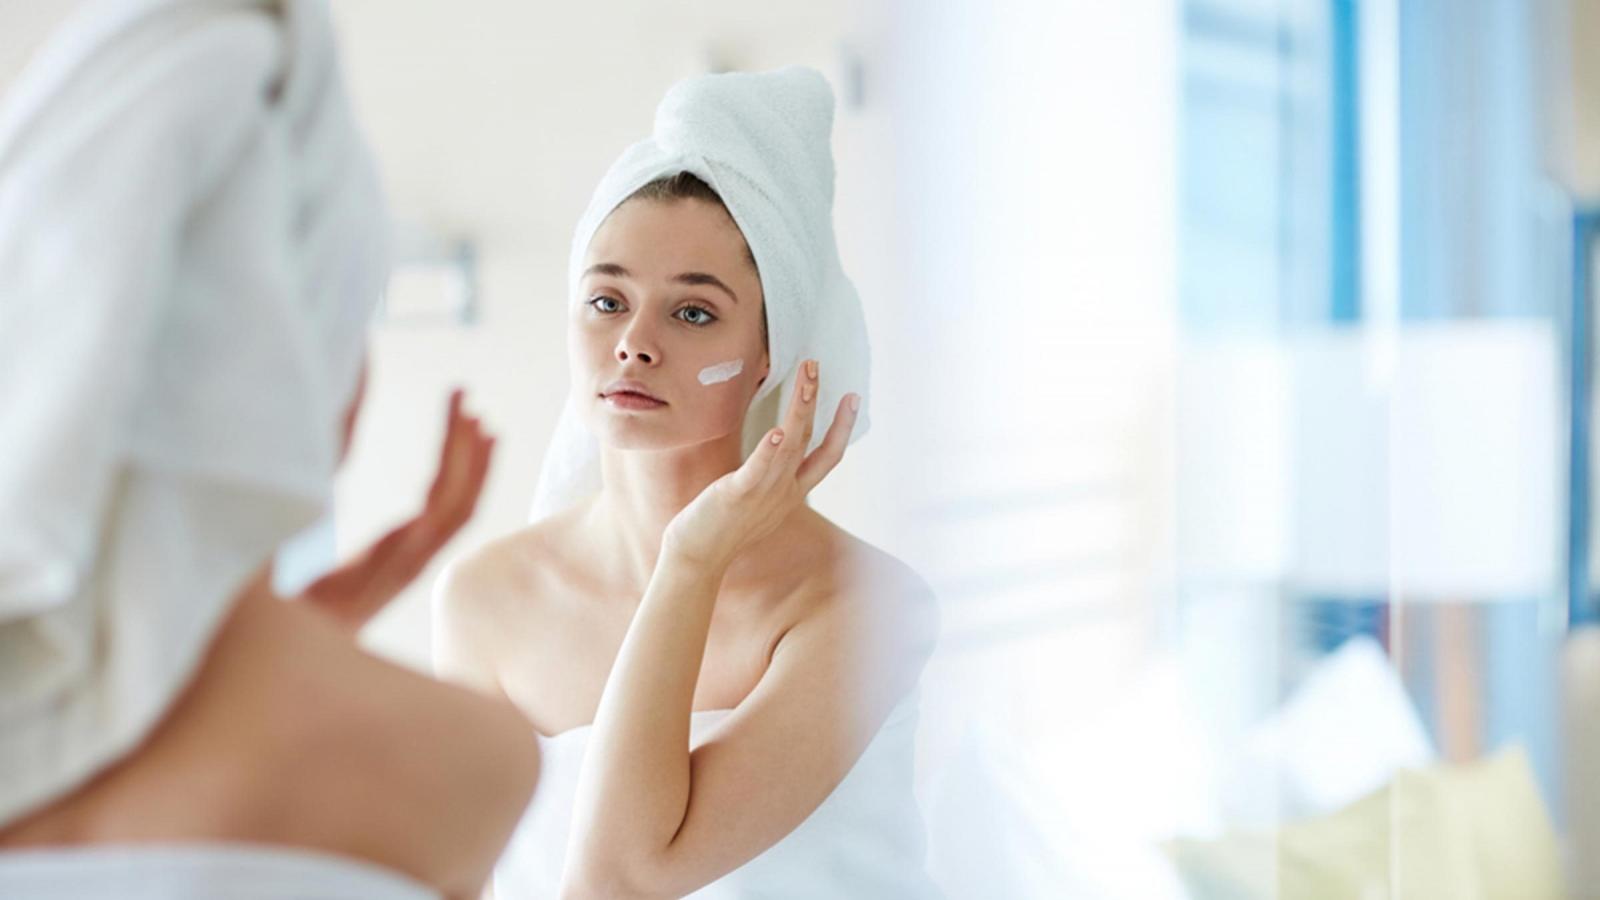 Nguyên nhân không ngờ khiến da bạn tiết nhiều dầu nhờn hơn